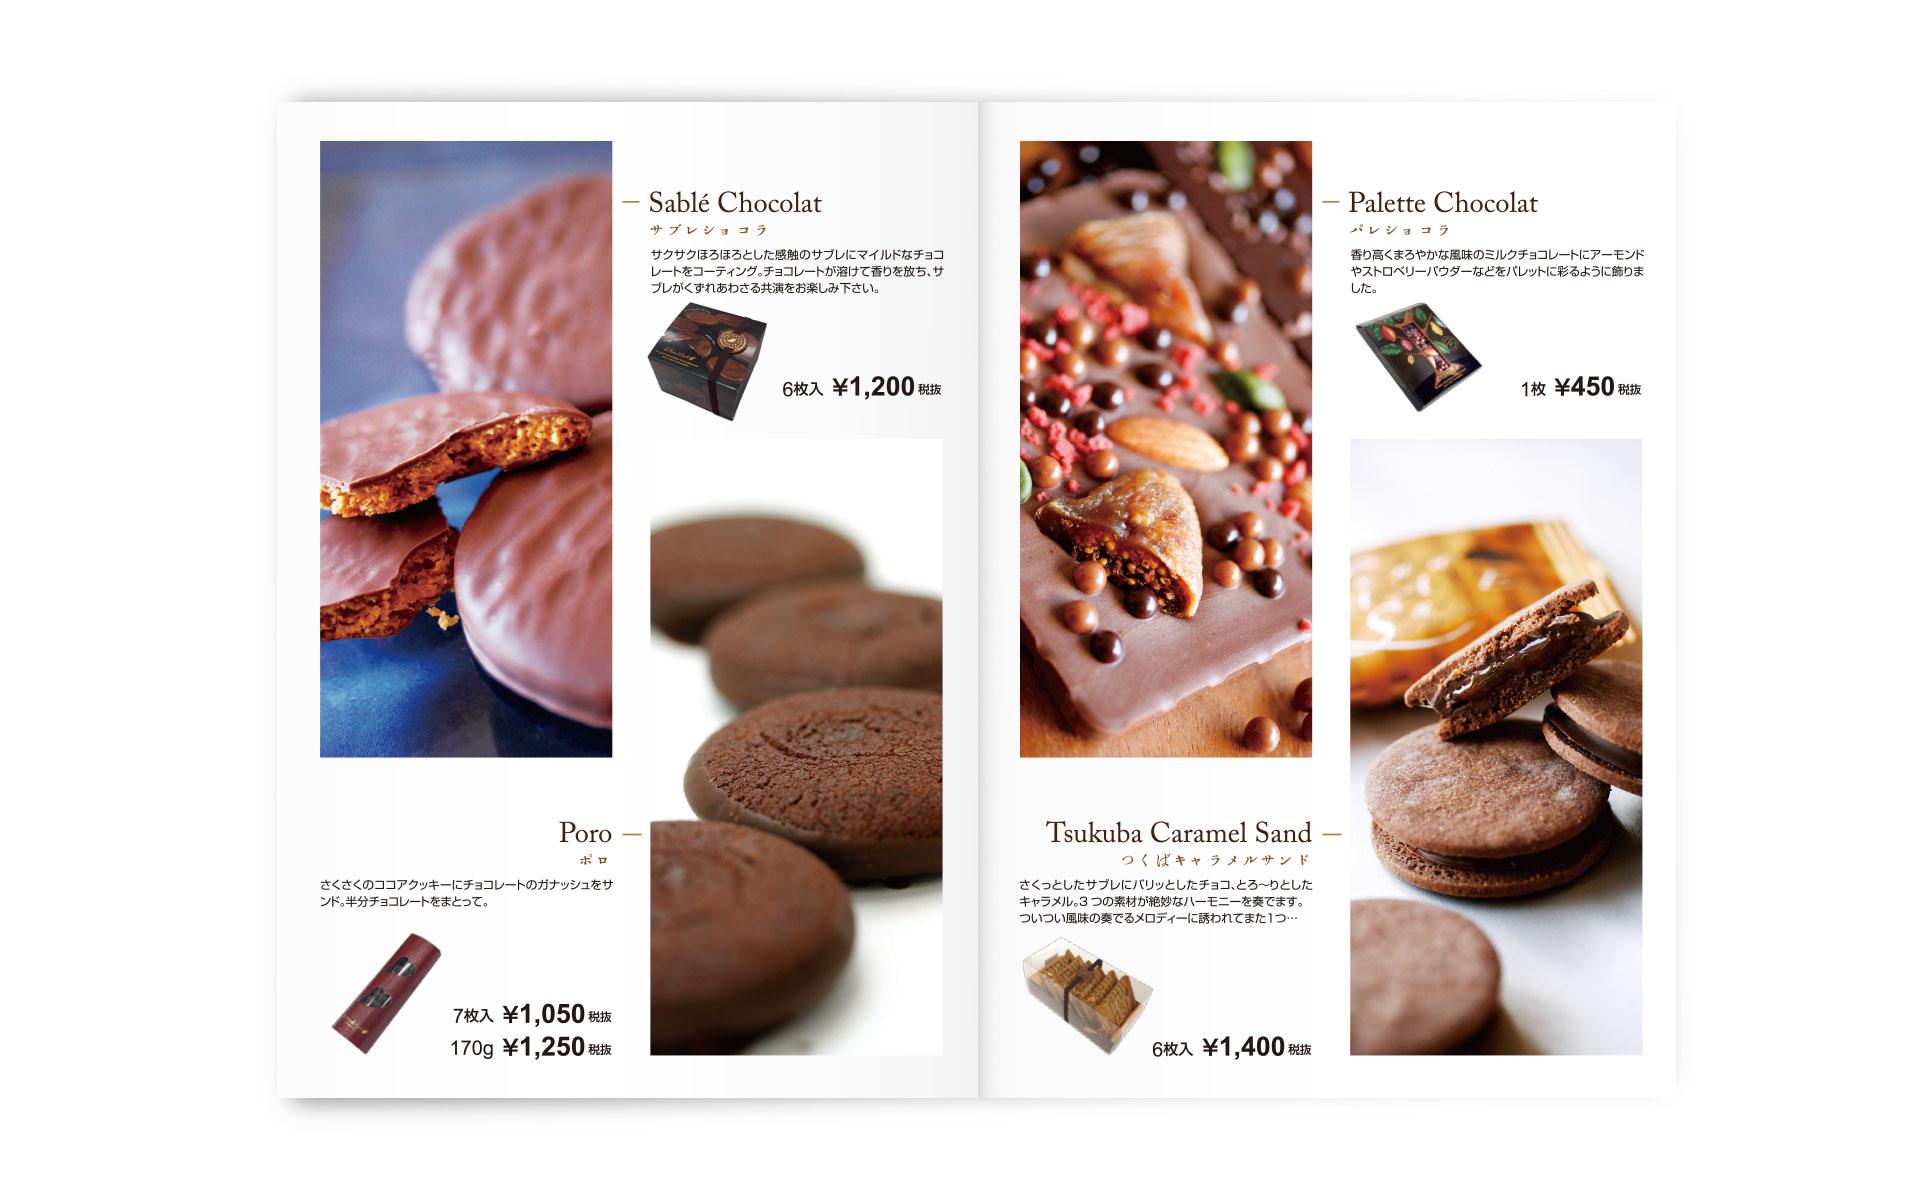 コート・ダ ジュール チョコレートギフトパンフレット